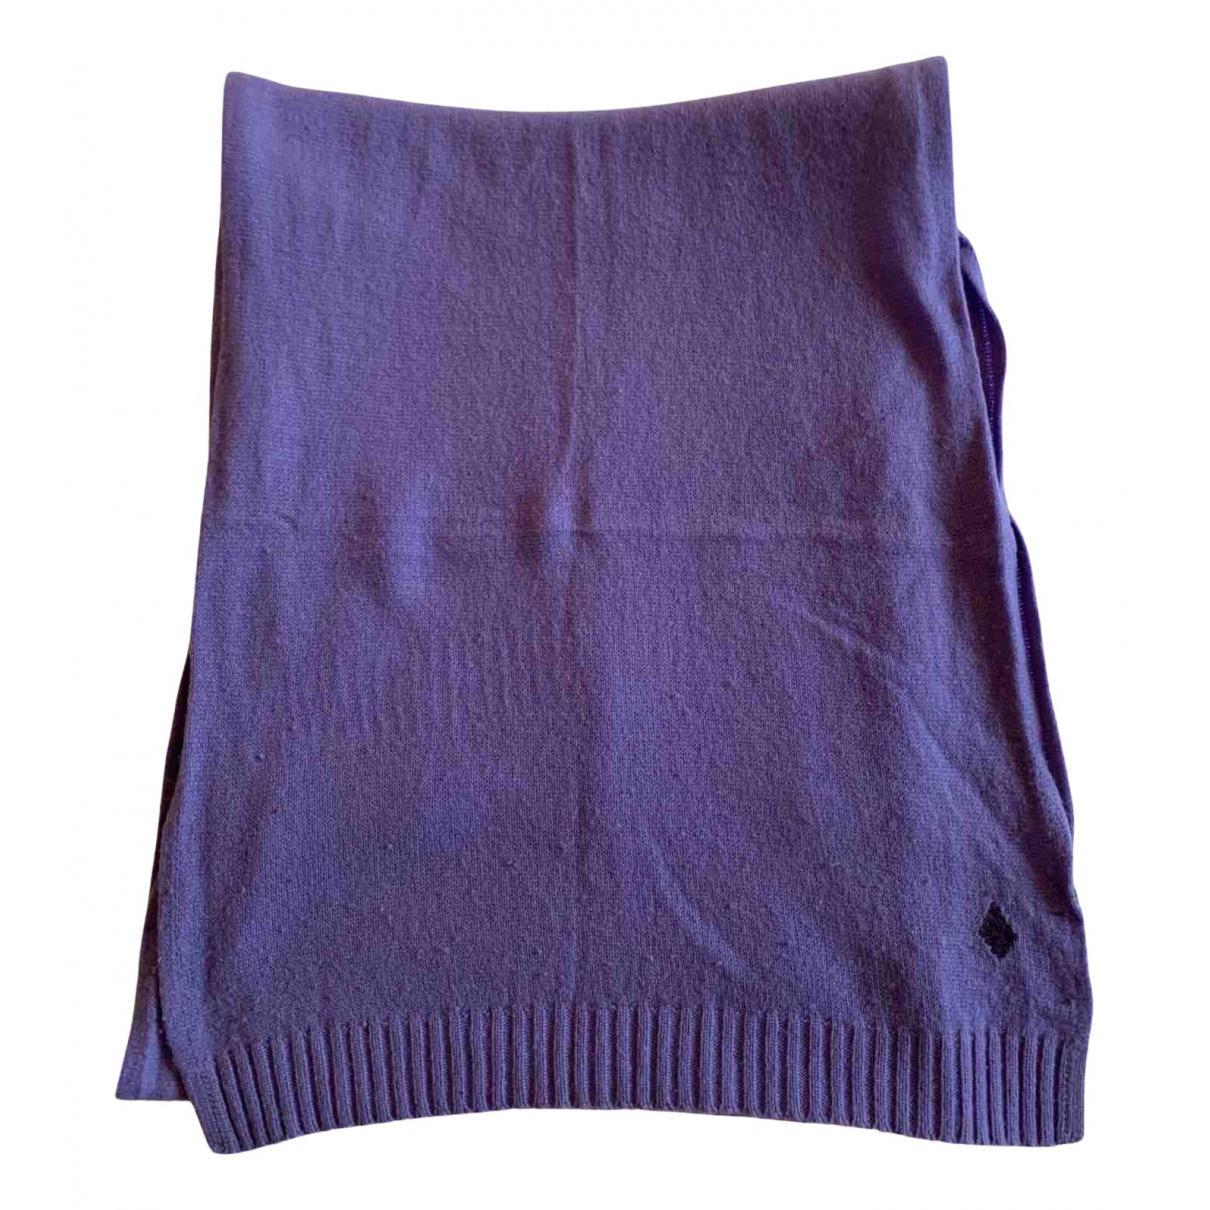 Ballantyne - Foulard   pour femme en cachemire - violet